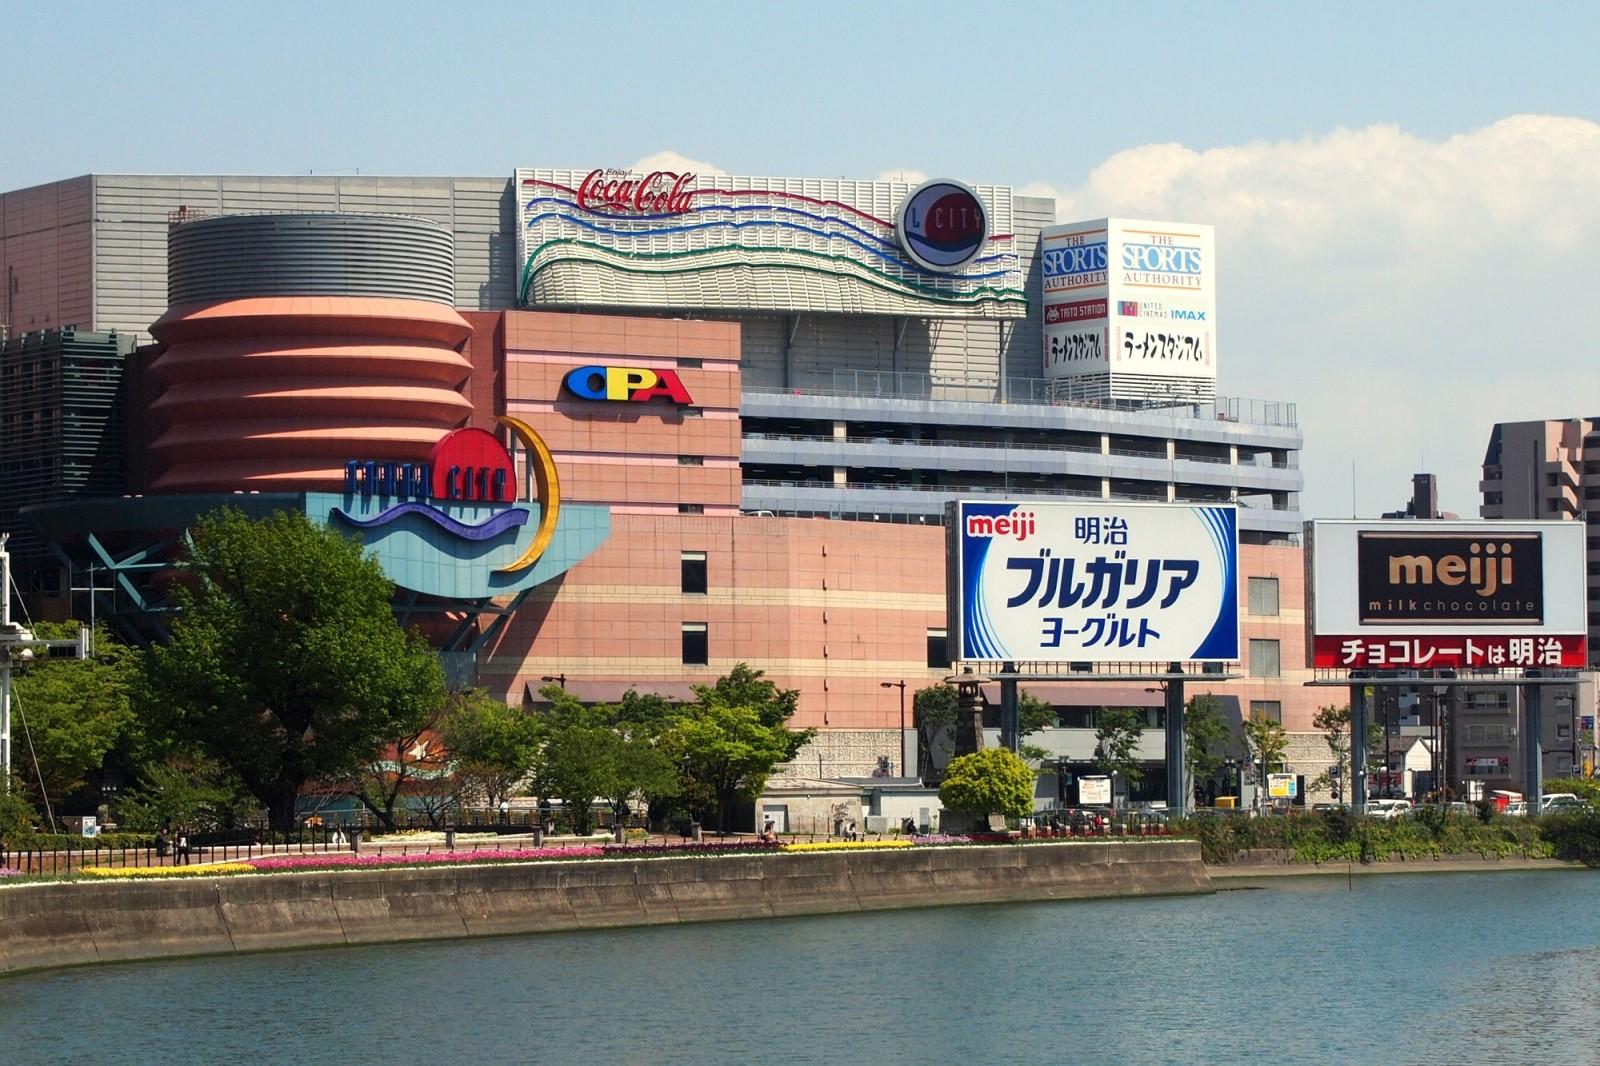 中洲・博多・天神のショッピングスポット キャナルシティ博多